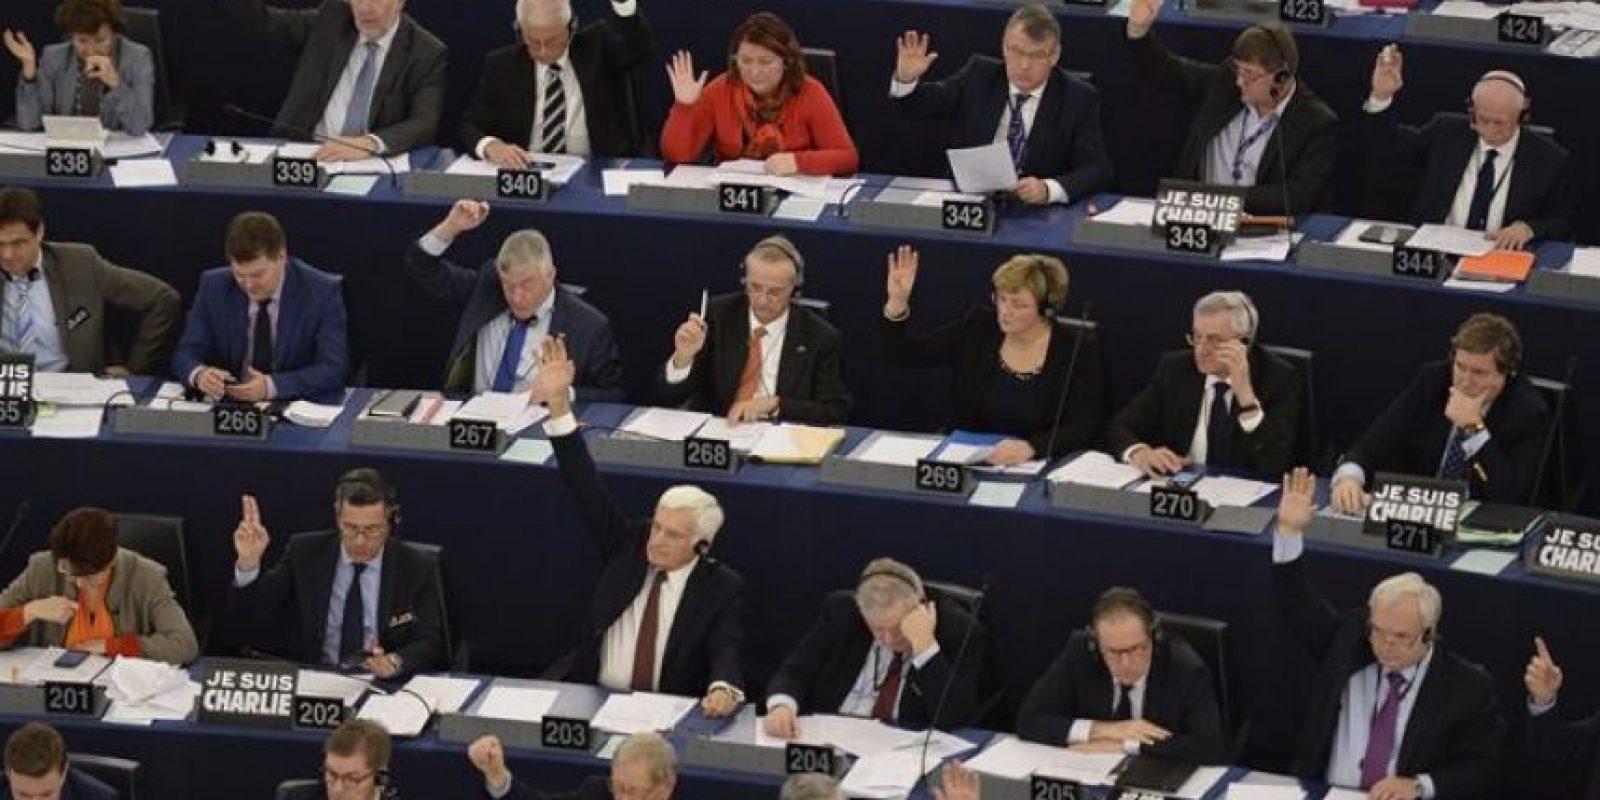 Los miembros del Parlamento Europeo (PE) votan sobre la posibilidad de que los Estados miembros restrinjan o prohíban el cultivo de Organismos Genéticamente Modificados (OMG), durante la sesión plenaria en Estrasburgo (Francia). EFE